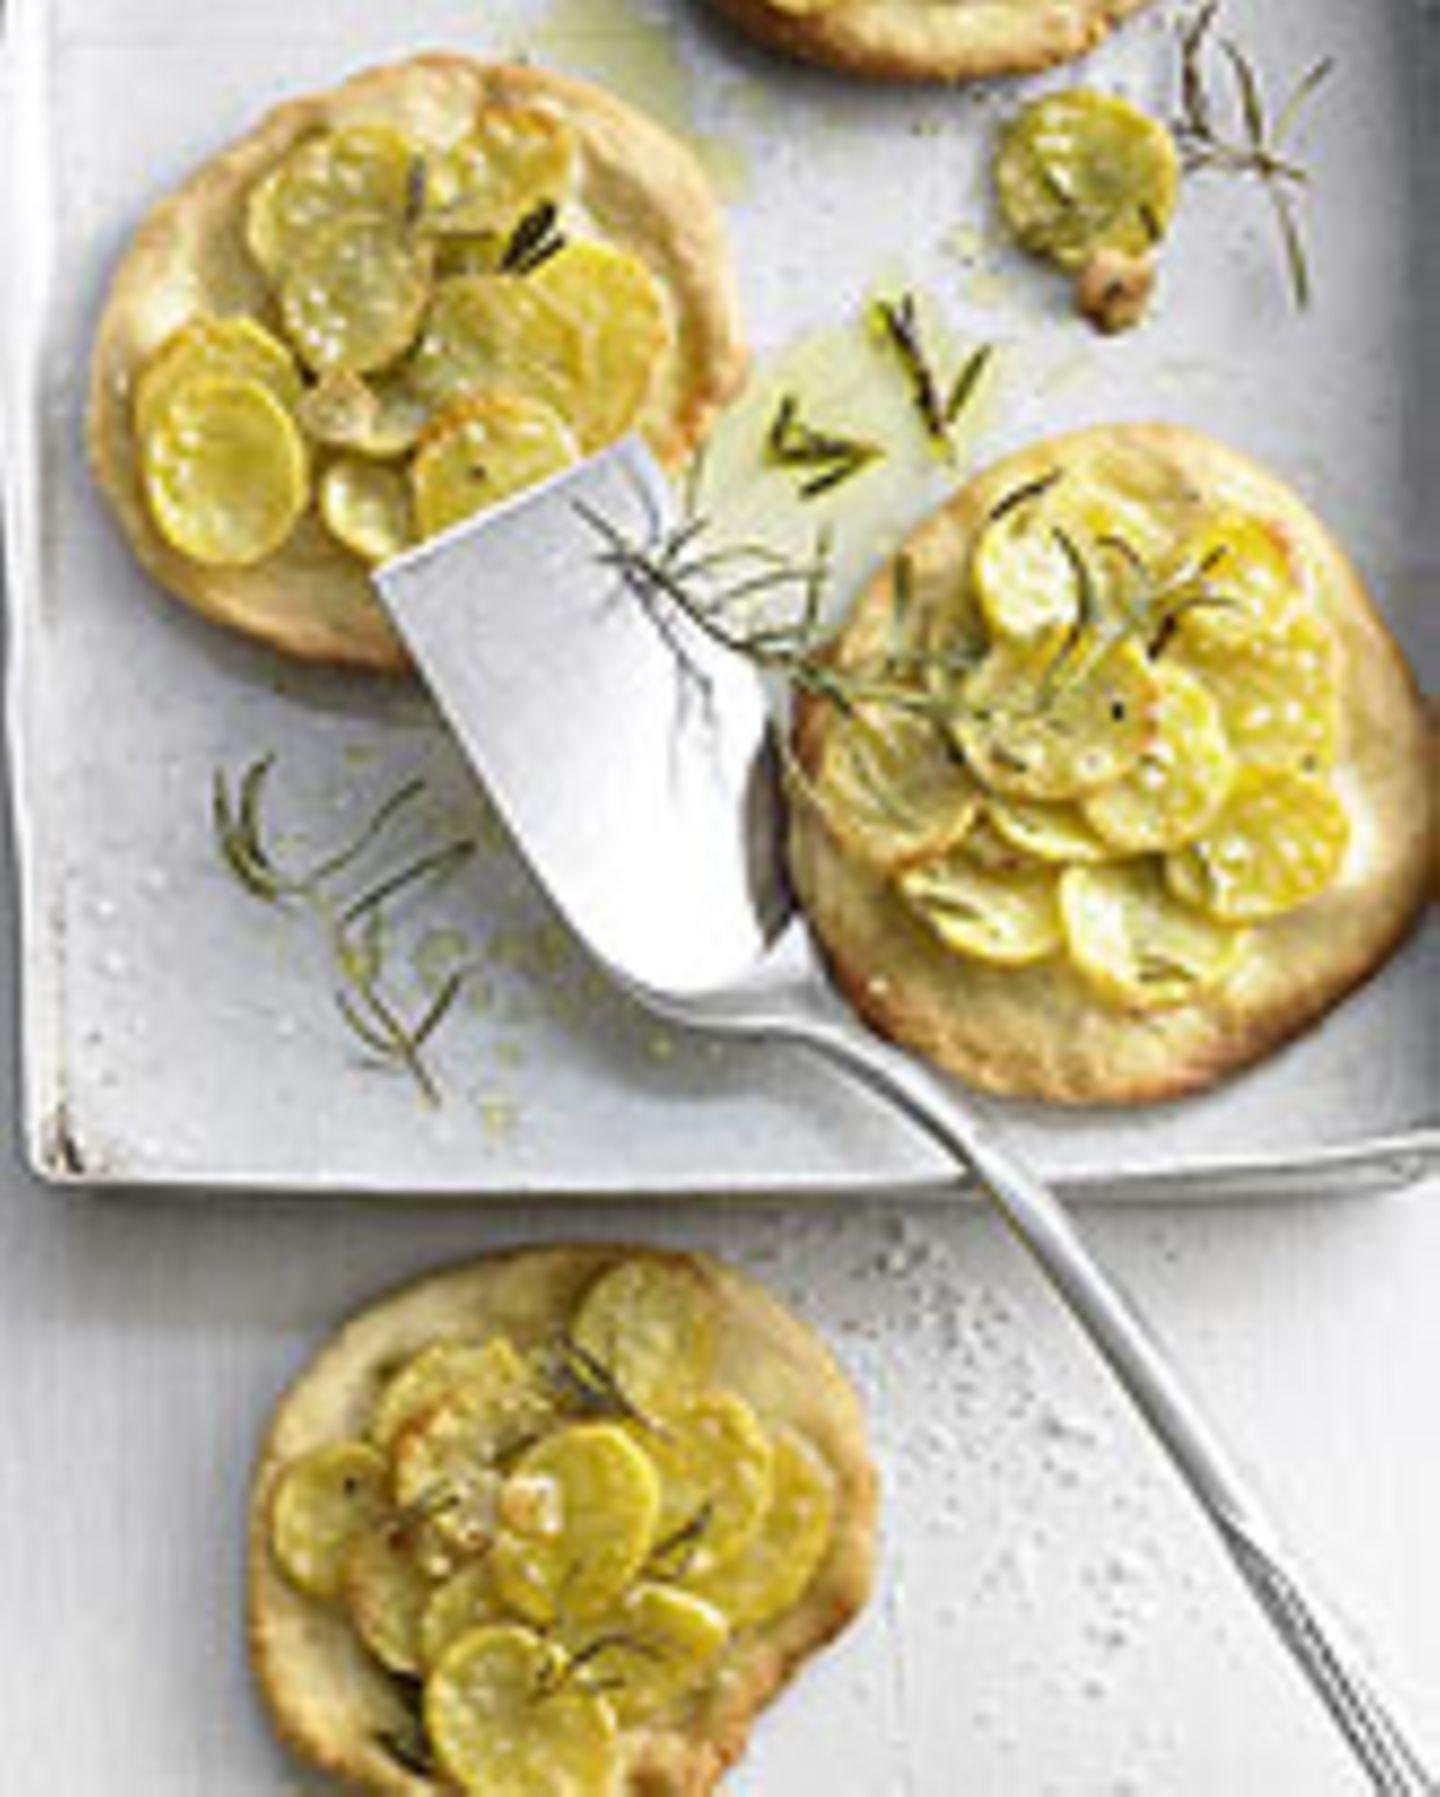 Kartoffel-Rosmarin-Pitzzette